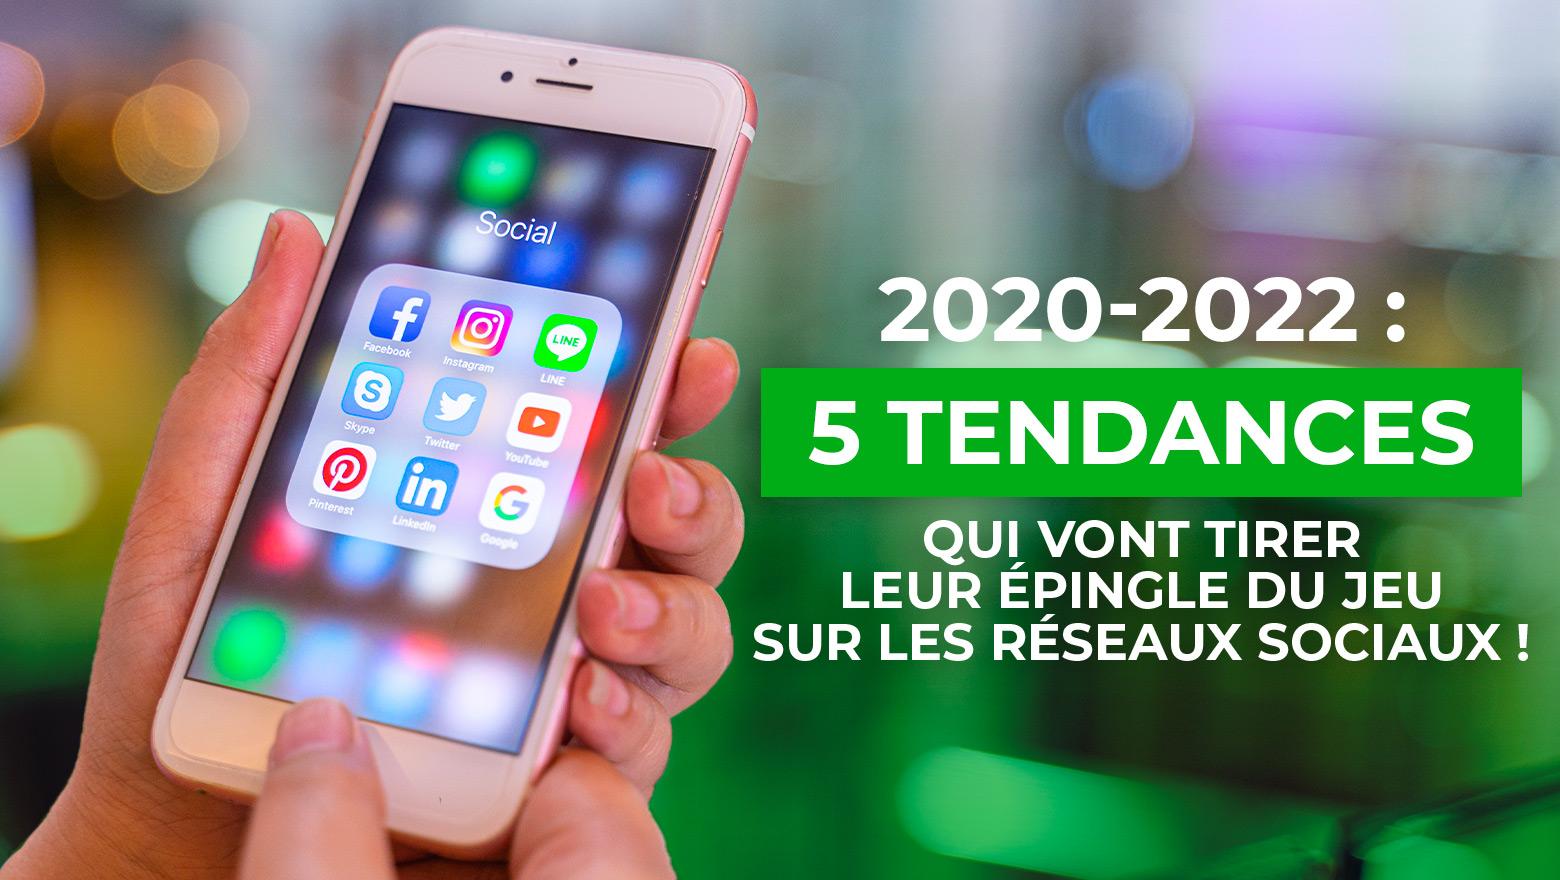 Article Val d'Oise Communication - 2020-2020 : 5 tendances qui vont tirer leur épingle du jeu sur les réseaux sociaux